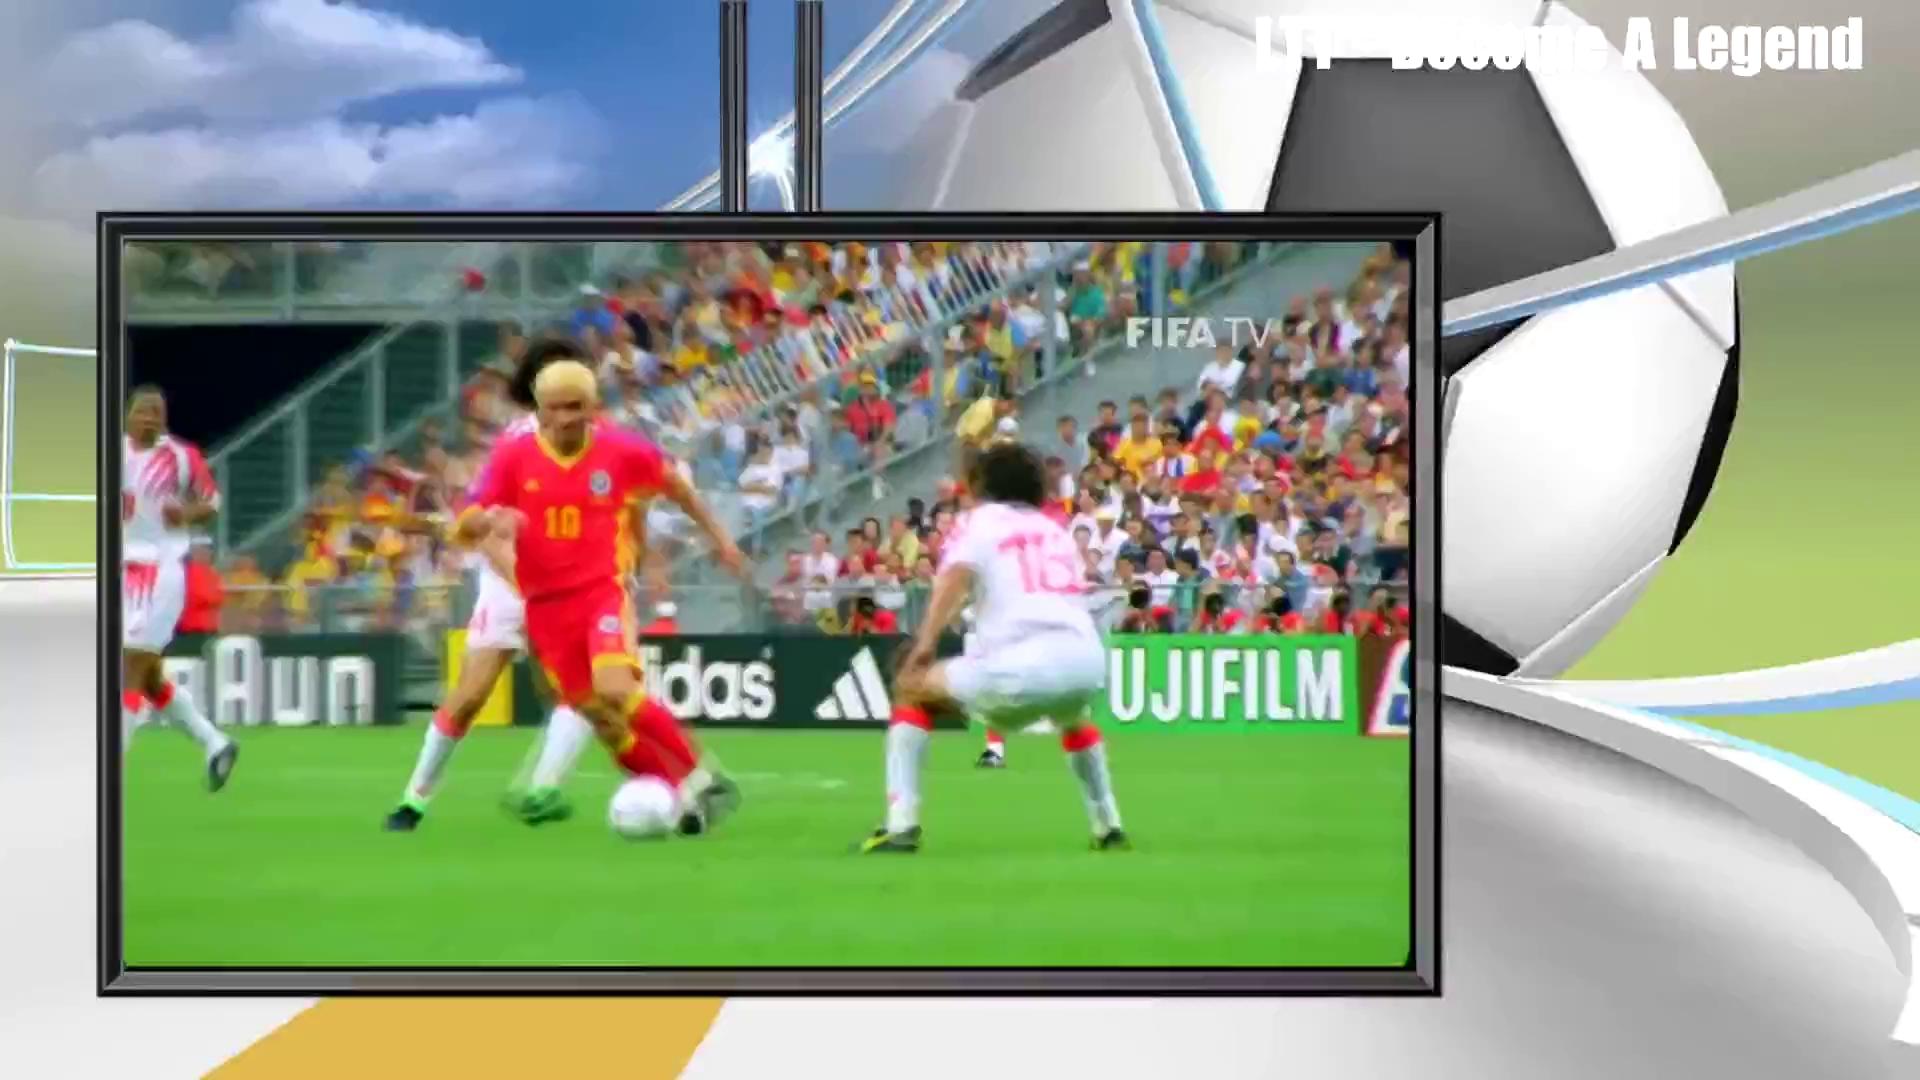 """Huyền thoại Hagi: Phiên bản """"Maradona Đông Âu"""" trong FIFA Online 3 - ảnh 4"""